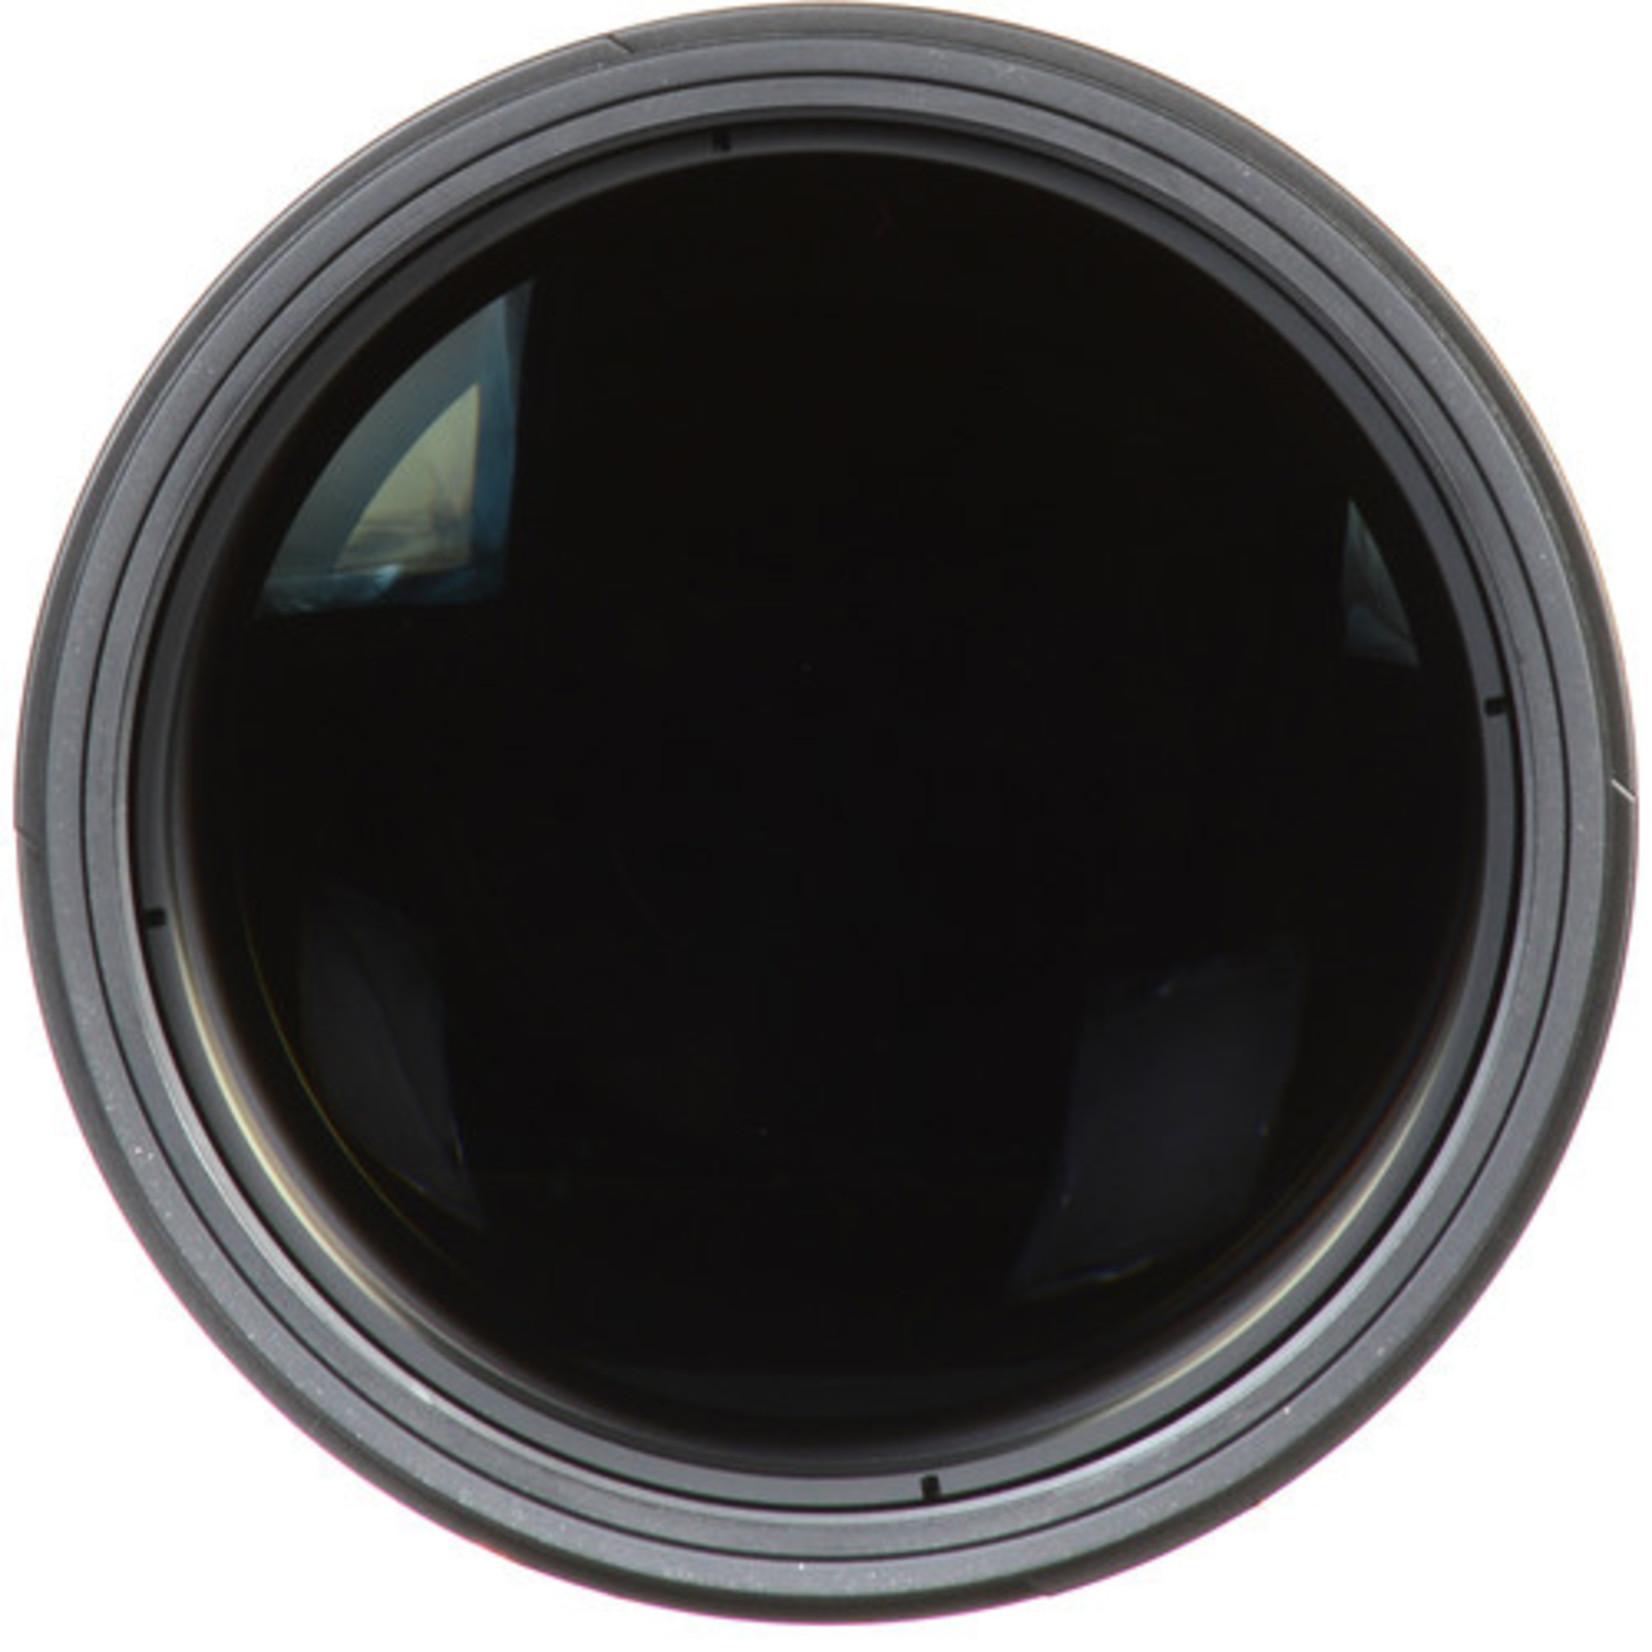 Nikon Nikon AF-S NIKKOR 300mm f/4E PF ED VR Lens